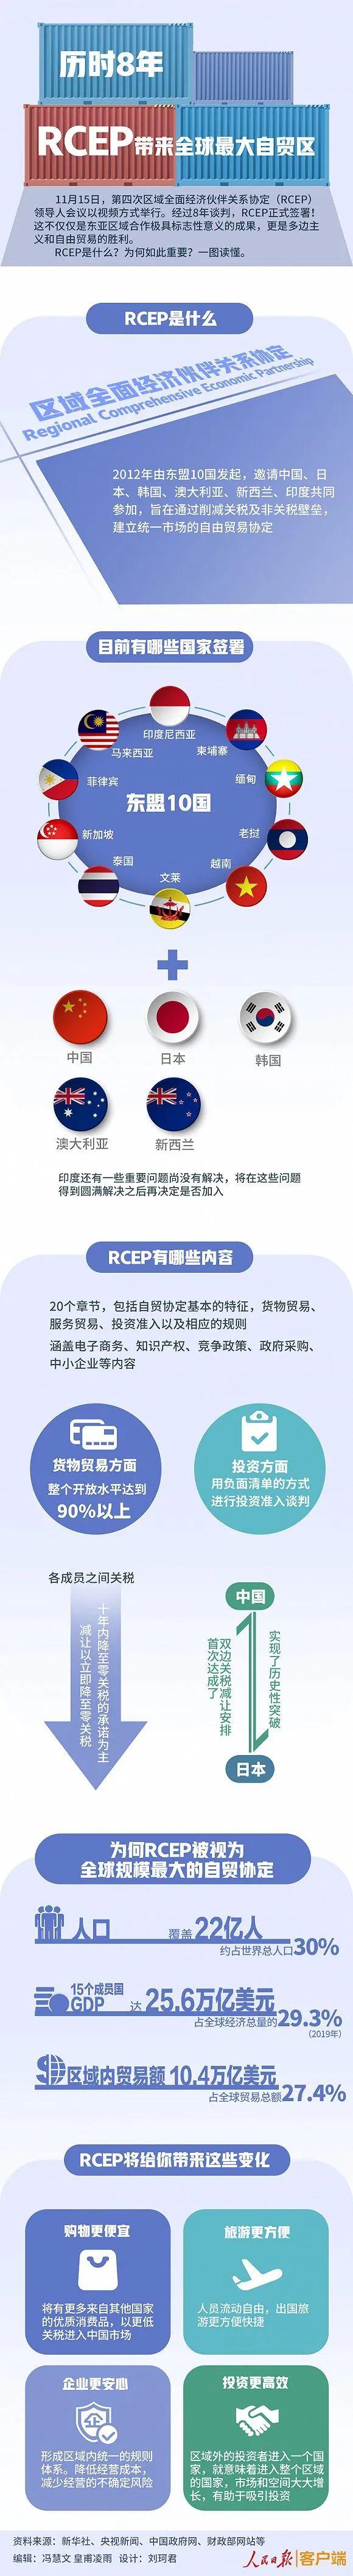 合作共赢,是RCEP诞生过程中最动人的故事,也将是最受期待的篇章